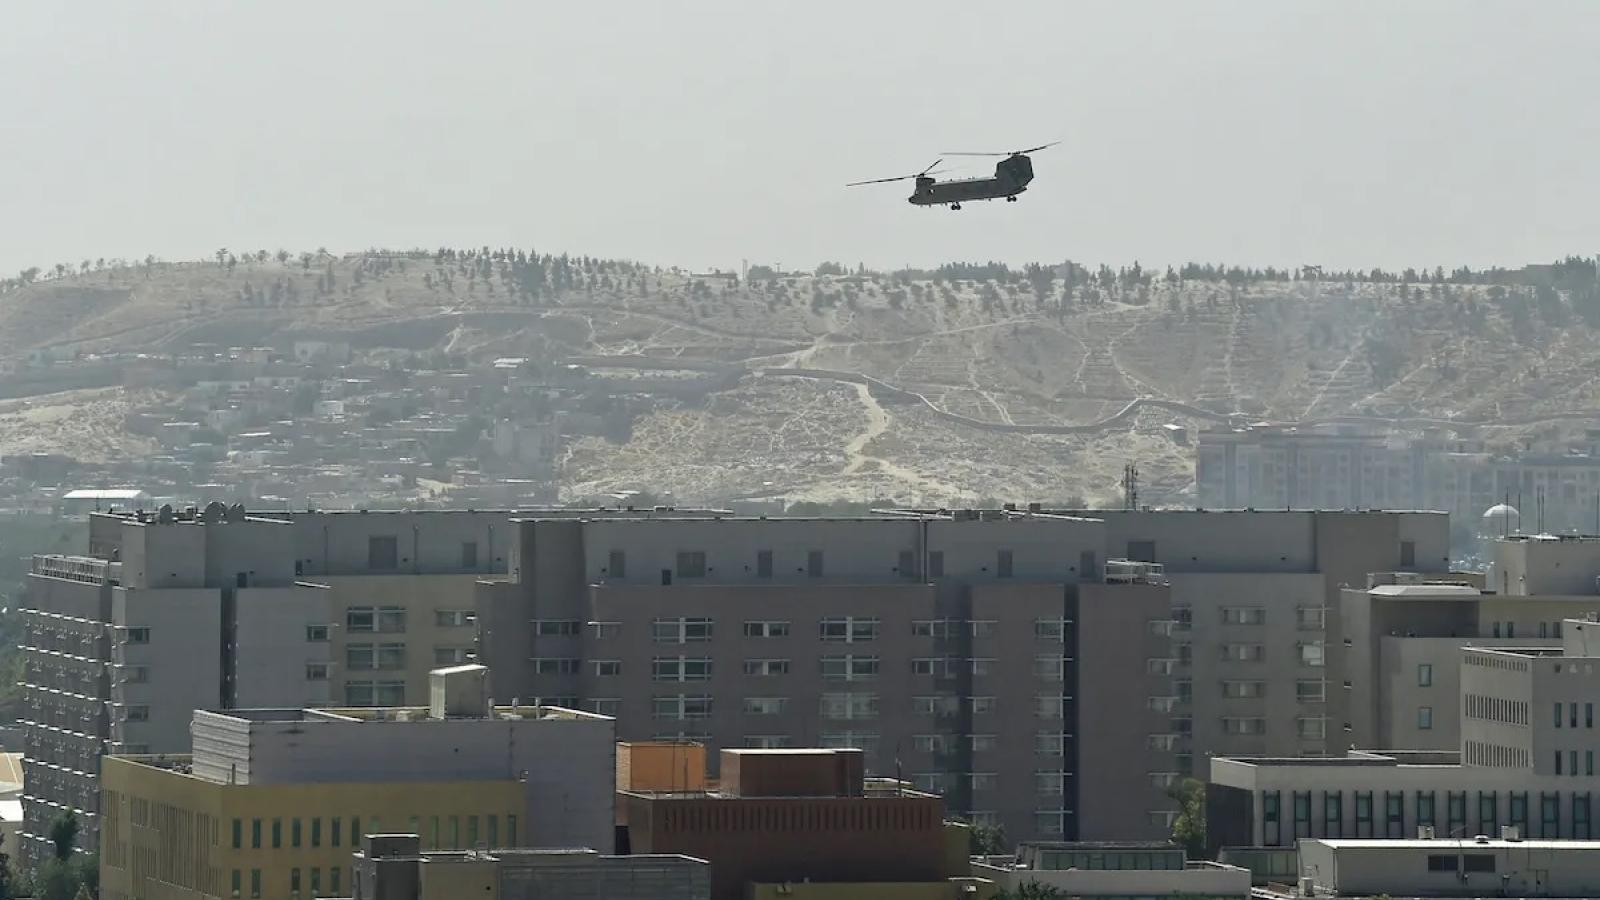 Rút quân khỏi Afghanistan giúp Mỹ tập trung nguồn lực đối phó Trung Quốc và Nga